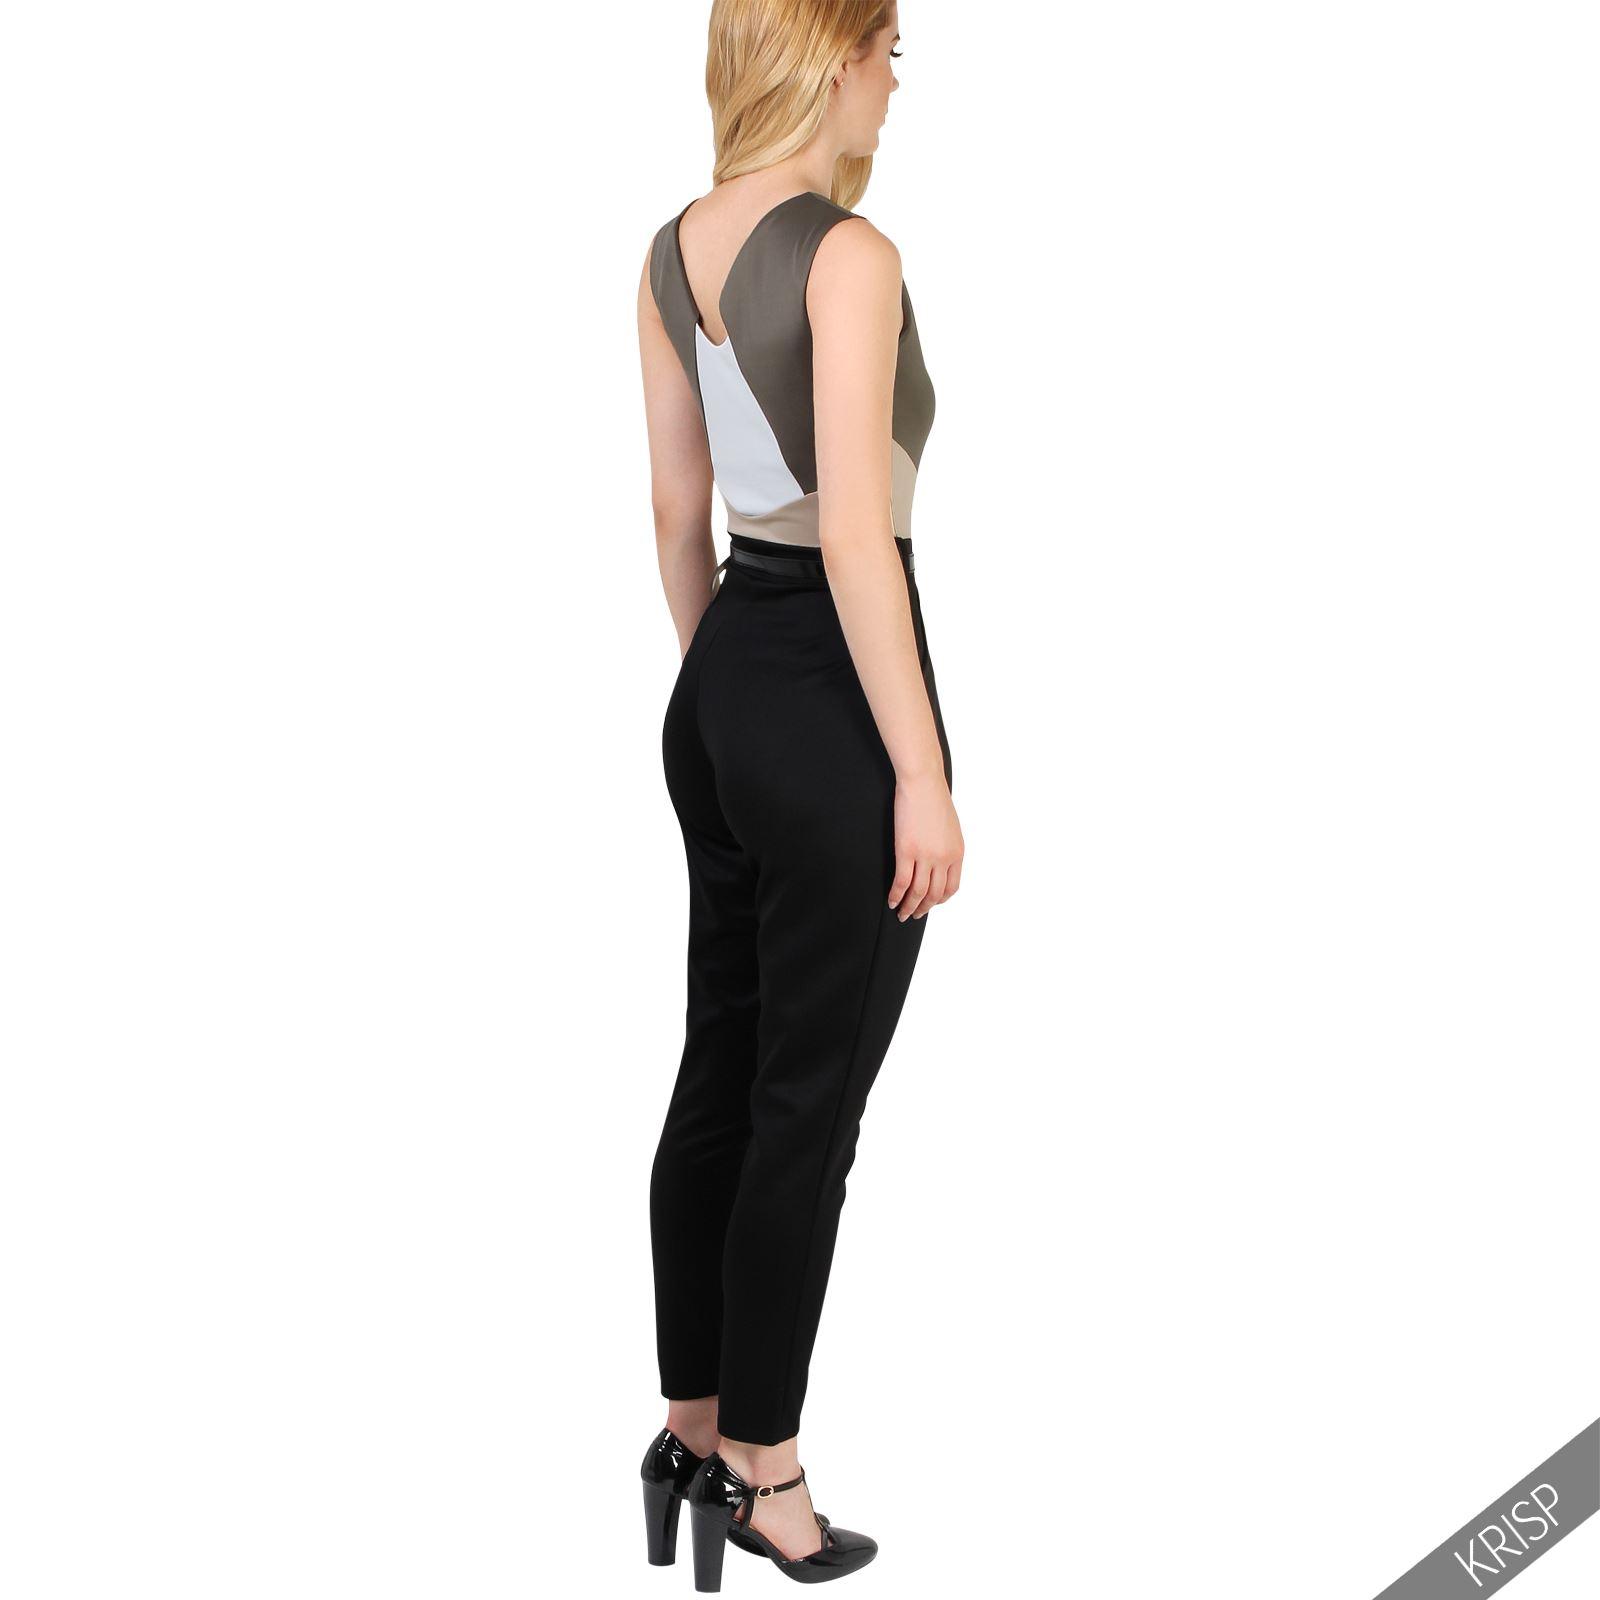 damen stretch overall rmellos business elegant jumpsuit. Black Bedroom Furniture Sets. Home Design Ideas